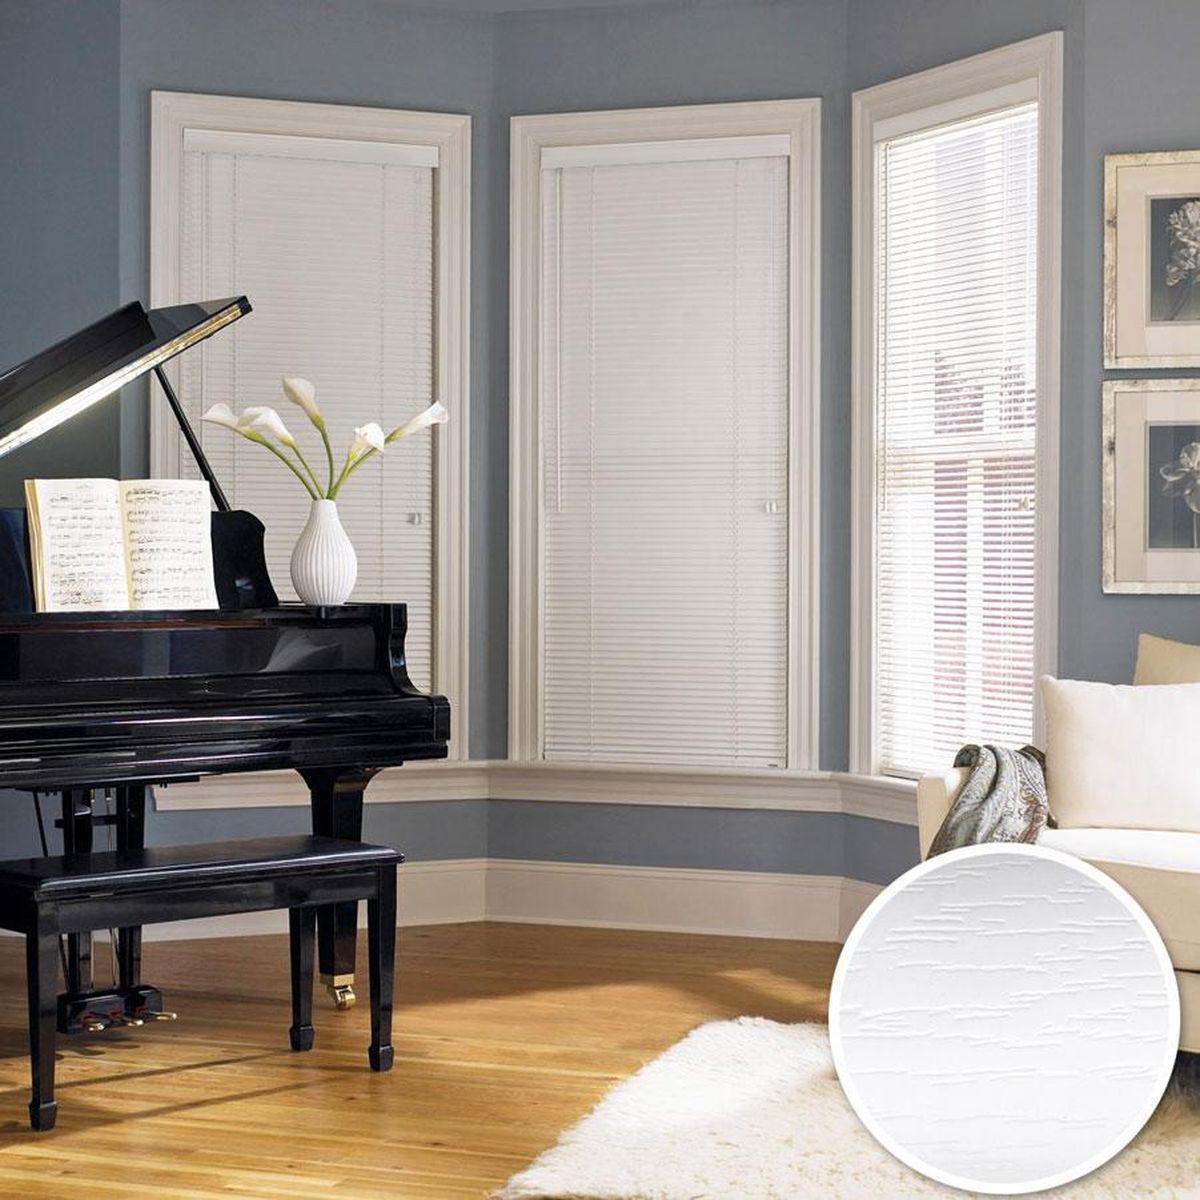 Жалюзи пластиковые 38 мм Эскар, горизонтальные, цвет: белый, ширина 80 см, высота 160 см6014090160Для того чтобы придать интерьеру изюминку и завершенность, нет ничего лучше, чем использовать жалюзи на окнах квартиры, дома или офиса. С их помощью можно подчеркнуть индивидуальный вкус, а также стилевое оформление помещения. Помимо декоративных функций, жалюзи выполняют и практические задачи: они защищают от излишнего солнечного света, не дают помещению нагреваться, а также создают уют в темное время суток.Пластиковые жалюзи - самое универсальное и недорогое решение для любого помещения. Купить их может каждый, а широкий выбор размеров под самые популярные габариты сделает покупку простой и удобной. Пластиковые жалюзи имеют высокие эксплуатационные характеристики - они гигиеничны, что делает их незаменимыми при монтаже в детских и медицинских учреждениях.